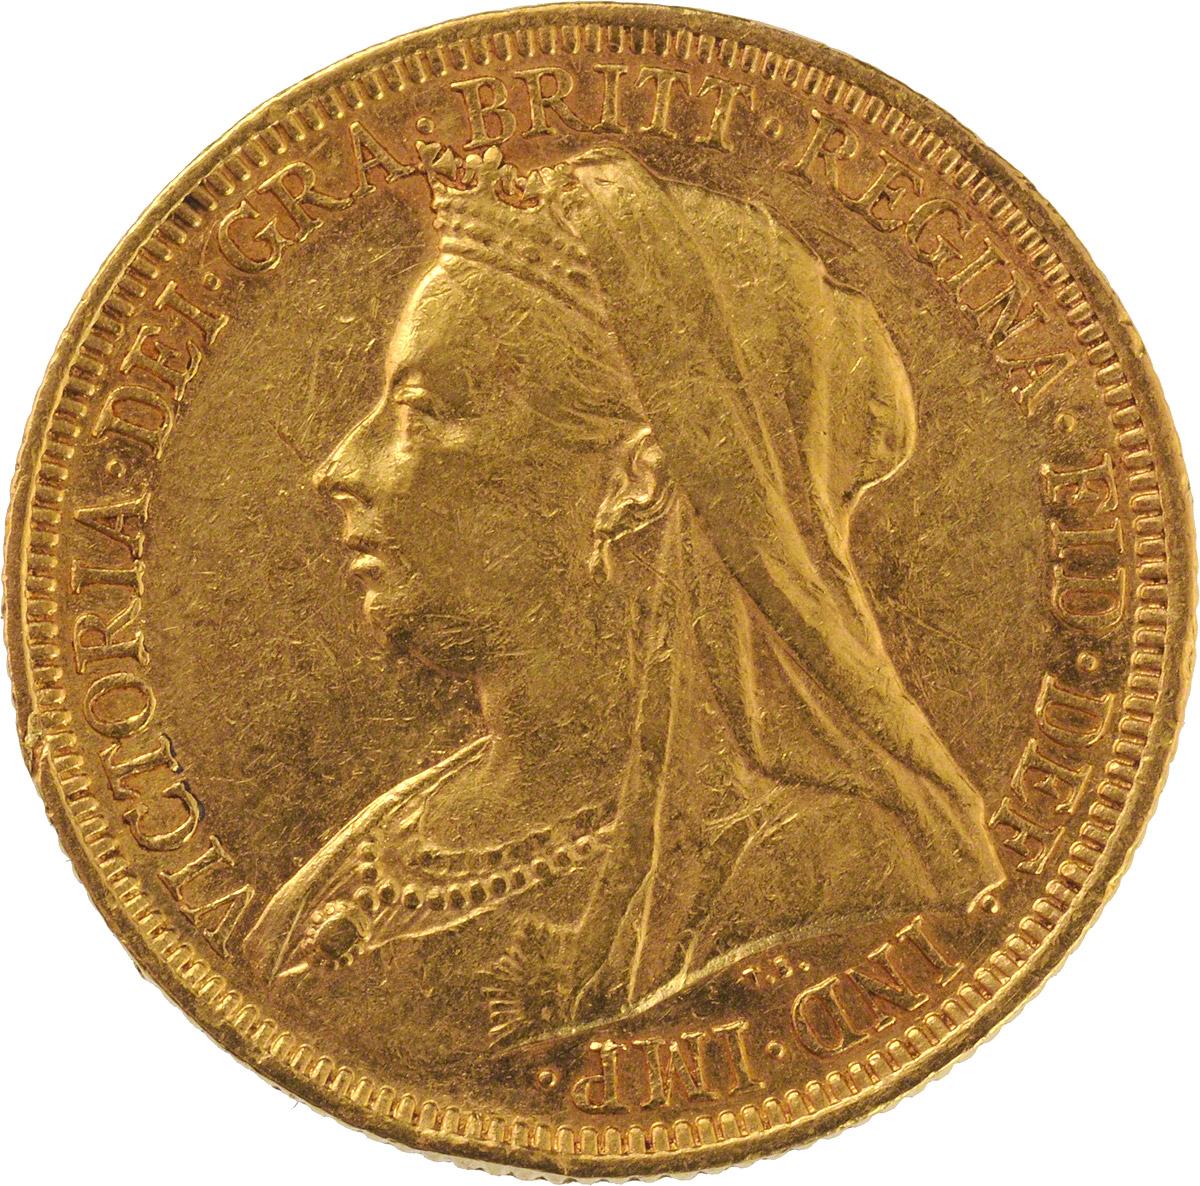 1894 Βικτώρια (Νομισματοκοπείο Λονδίνου)